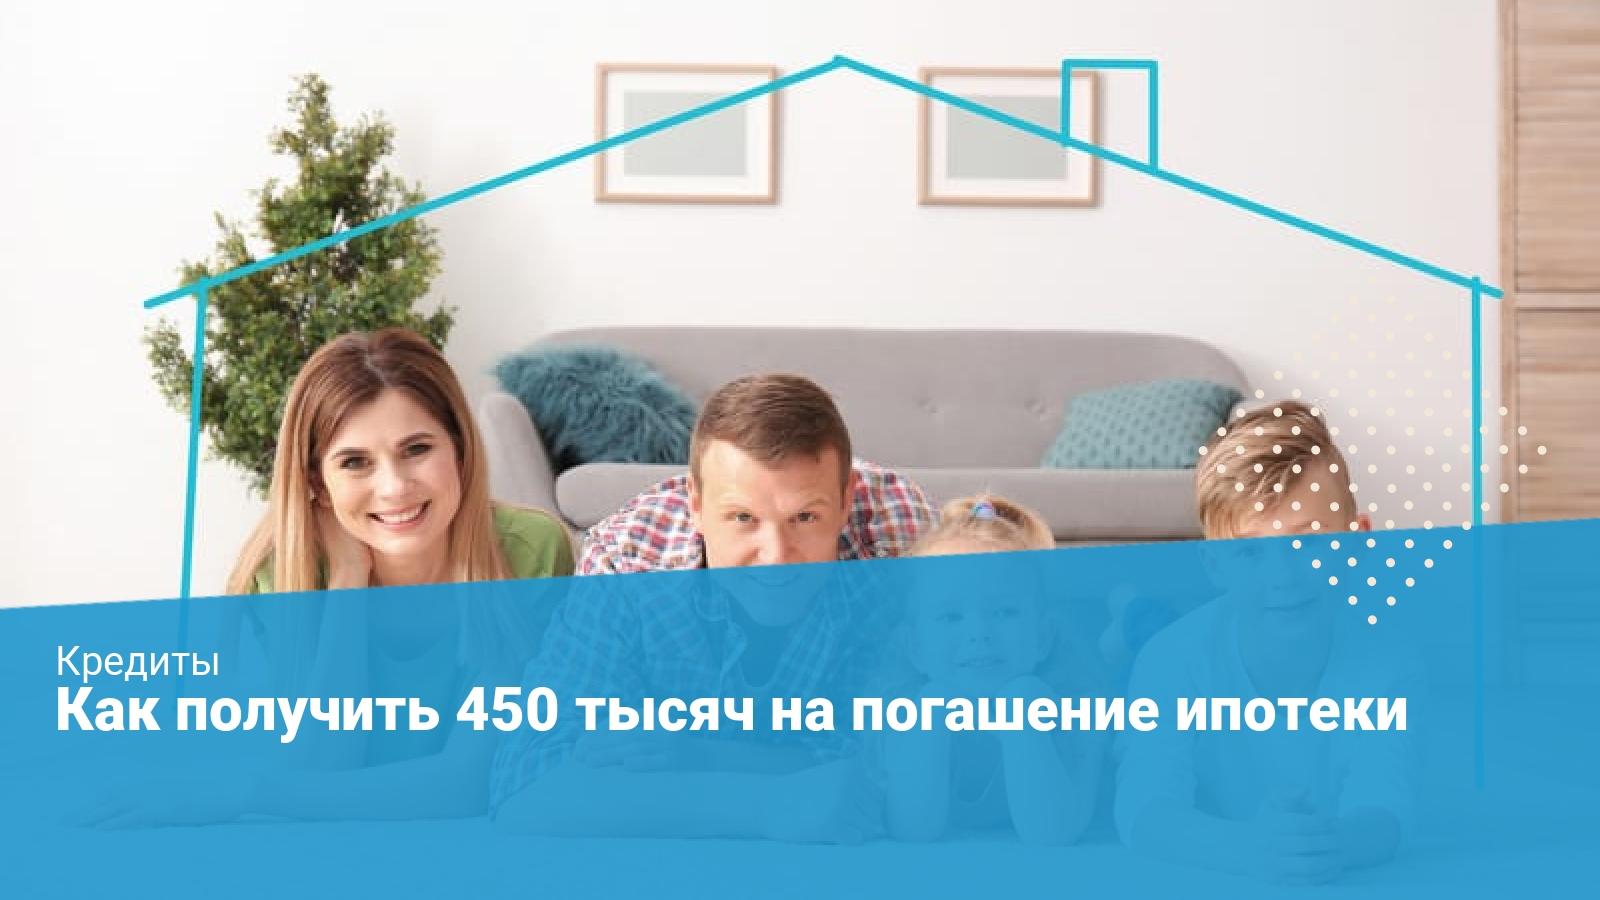 450 тысяч многодетным на погашение ипотеки